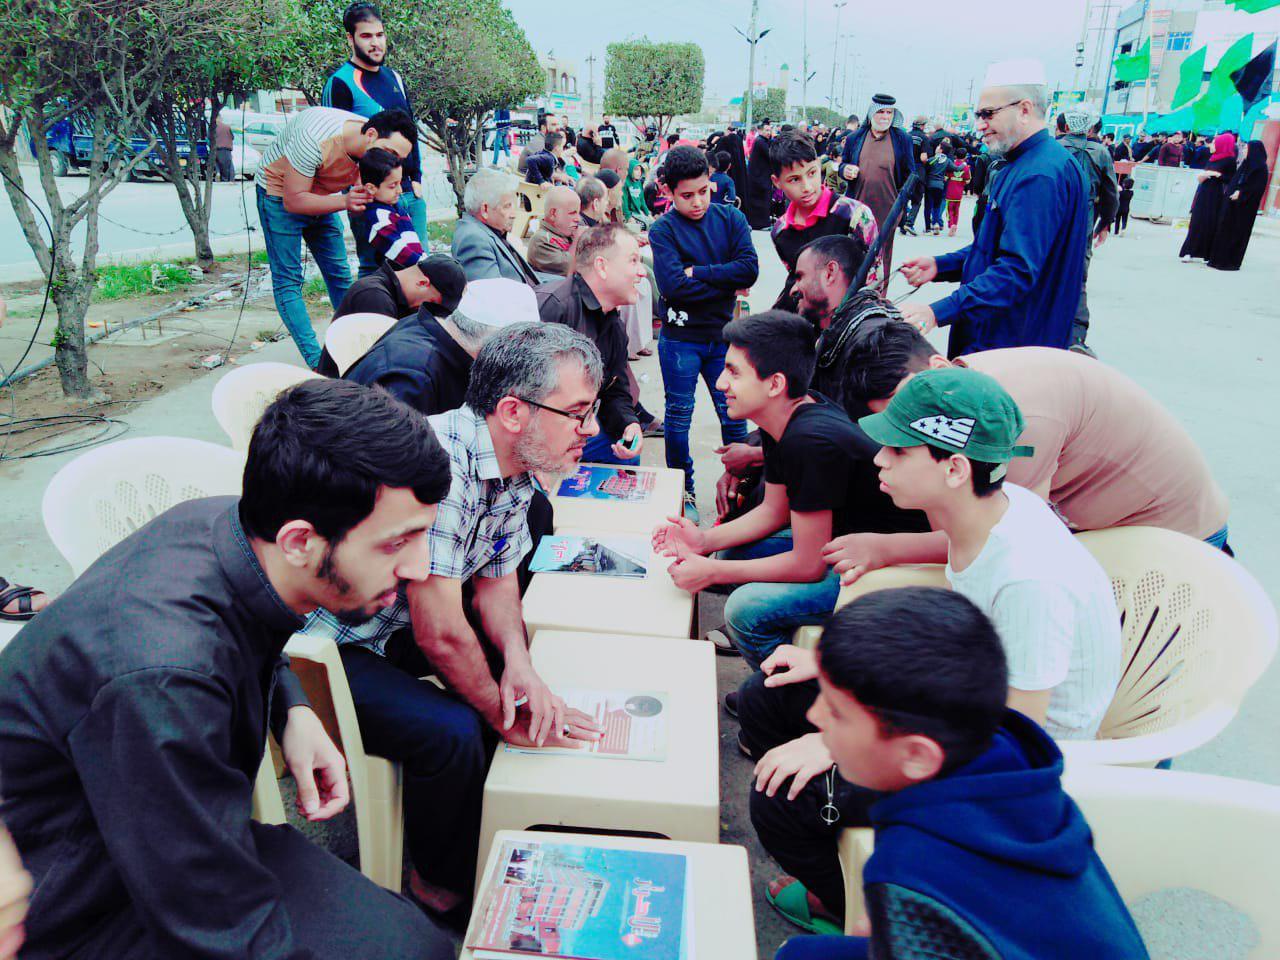 تصویر فعالیت ایستگاه های قرآنی در مسیر عزاداران امام کاظم علیه السلام